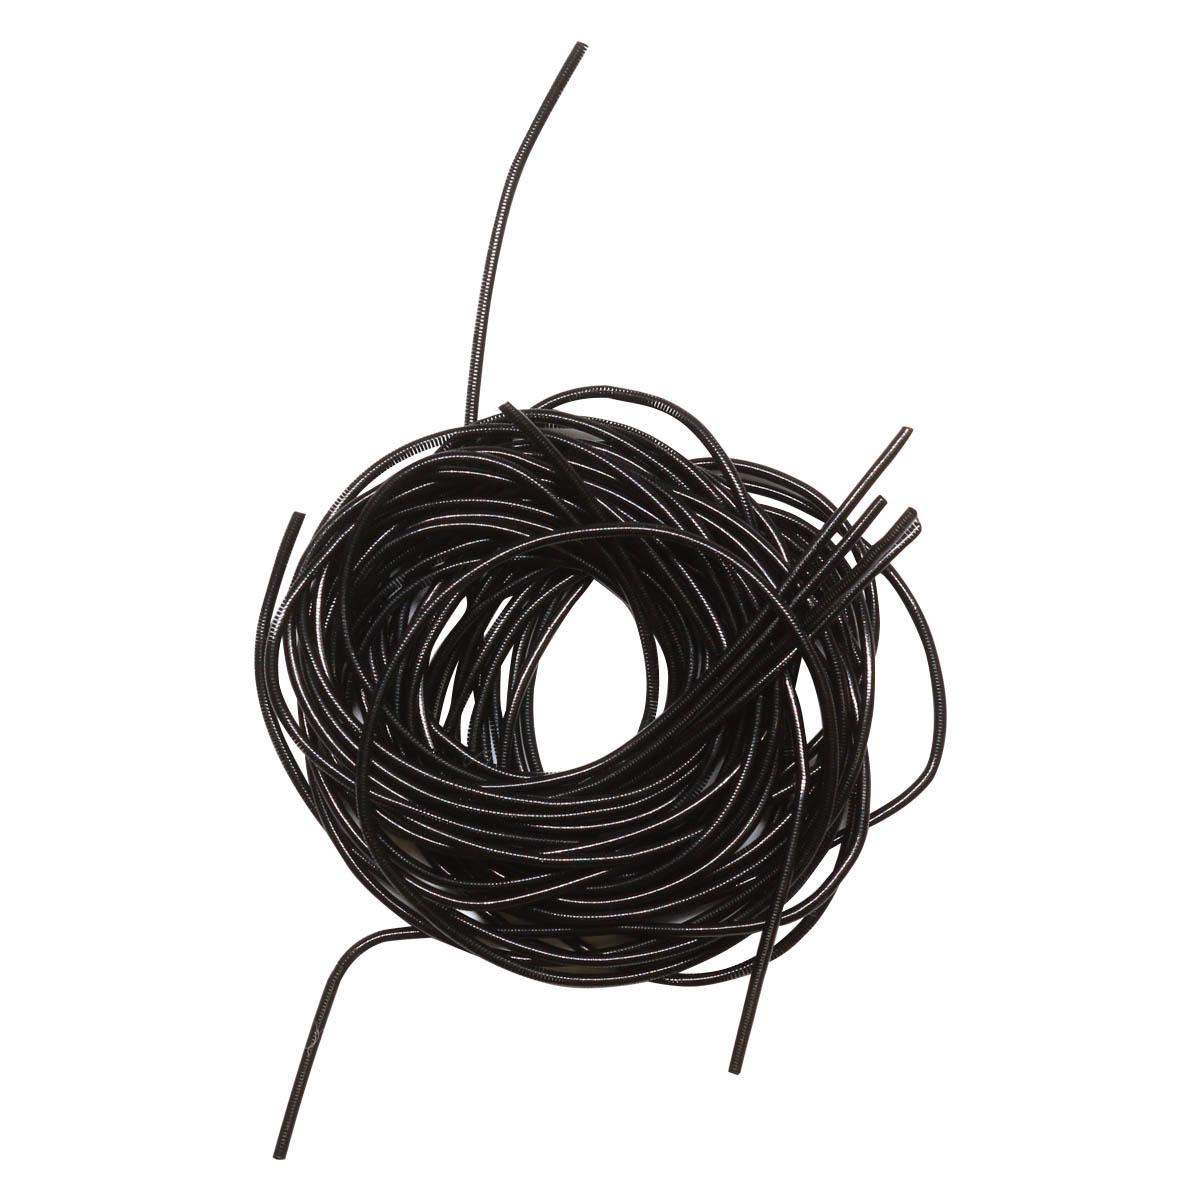 КА011НН1 Канитель гладкая Черный 1 мм, 5 гр +/- гр.